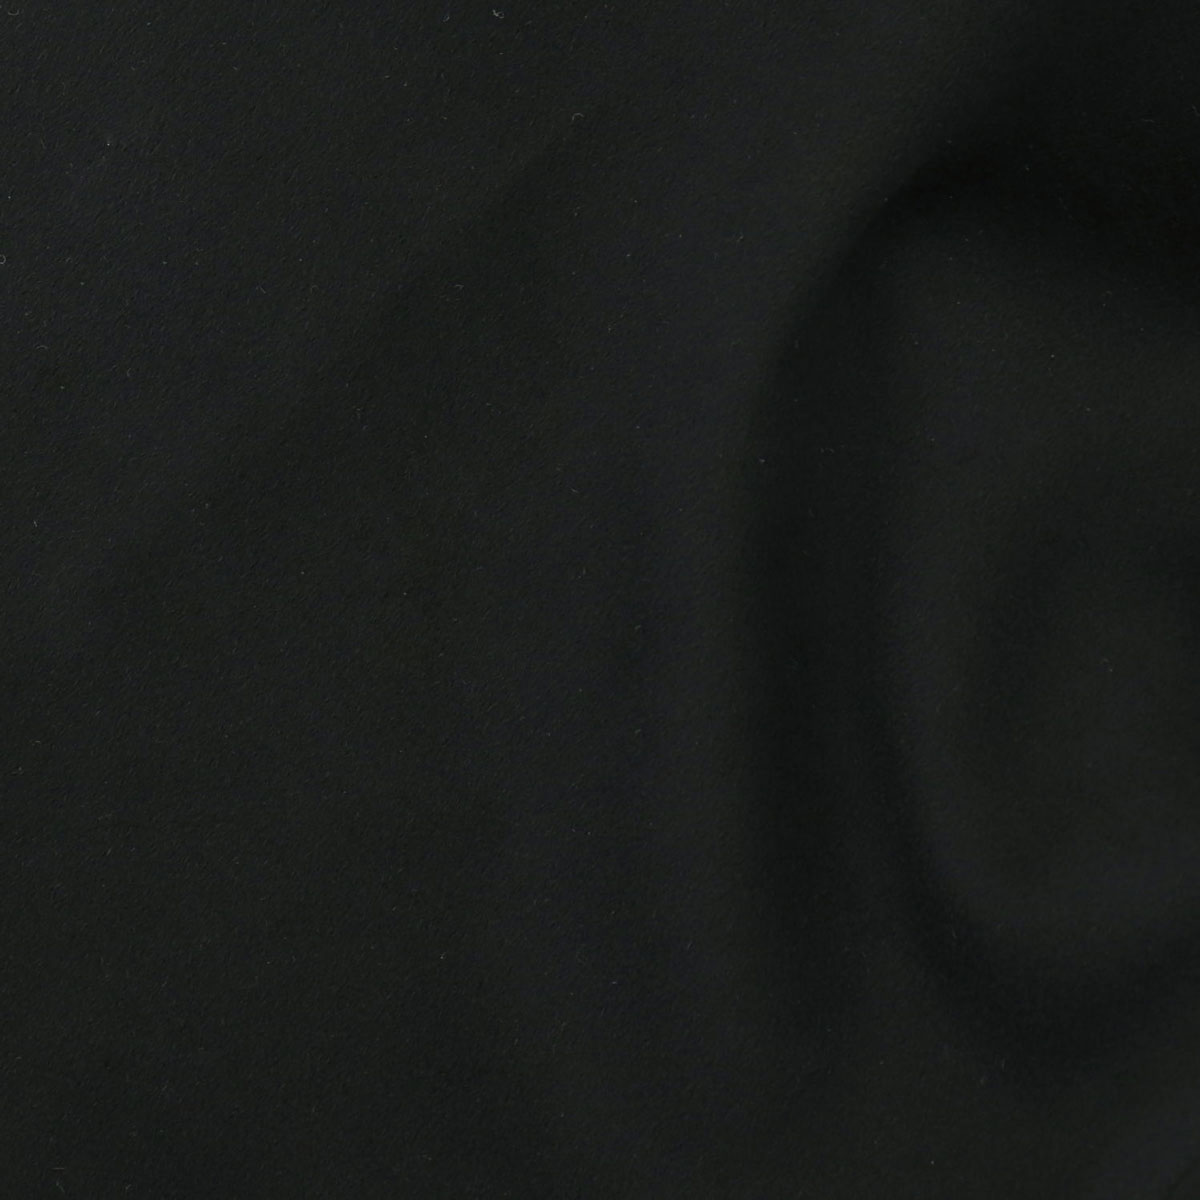 【決算セール】マッキントッシュ MACKINTOSH レディース ロロピアーナ ストームシステム カシミヤ チェスターコート STORM SYSTEM LDS FERNESS-20A ACY01 BLACK(ブラック)秋冬新作【返品交換不可】